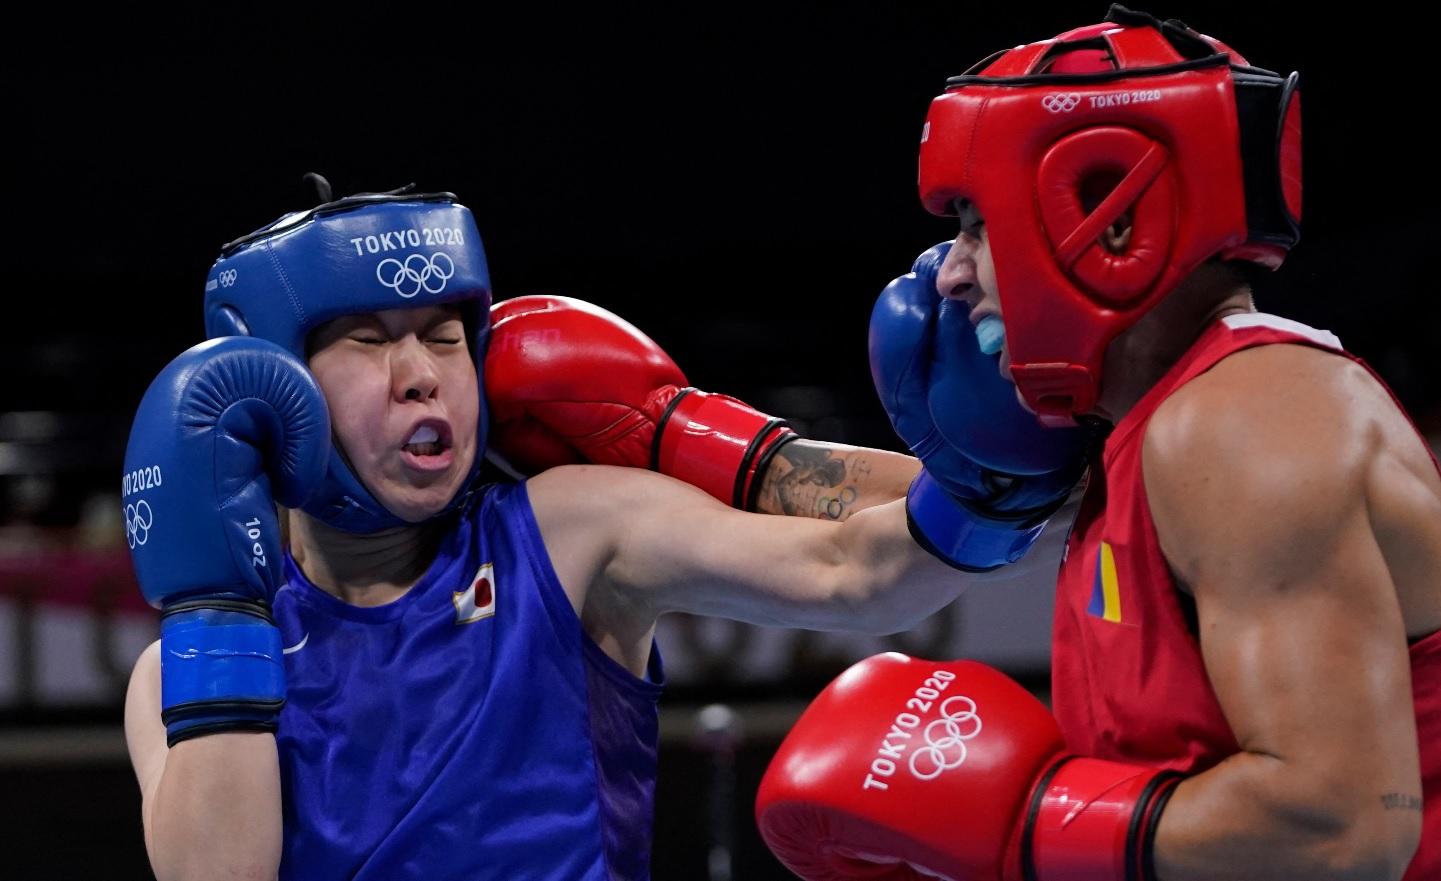 Jocurile Olimpice 2020 | Claudia Nechita a ratat medalia de bronz